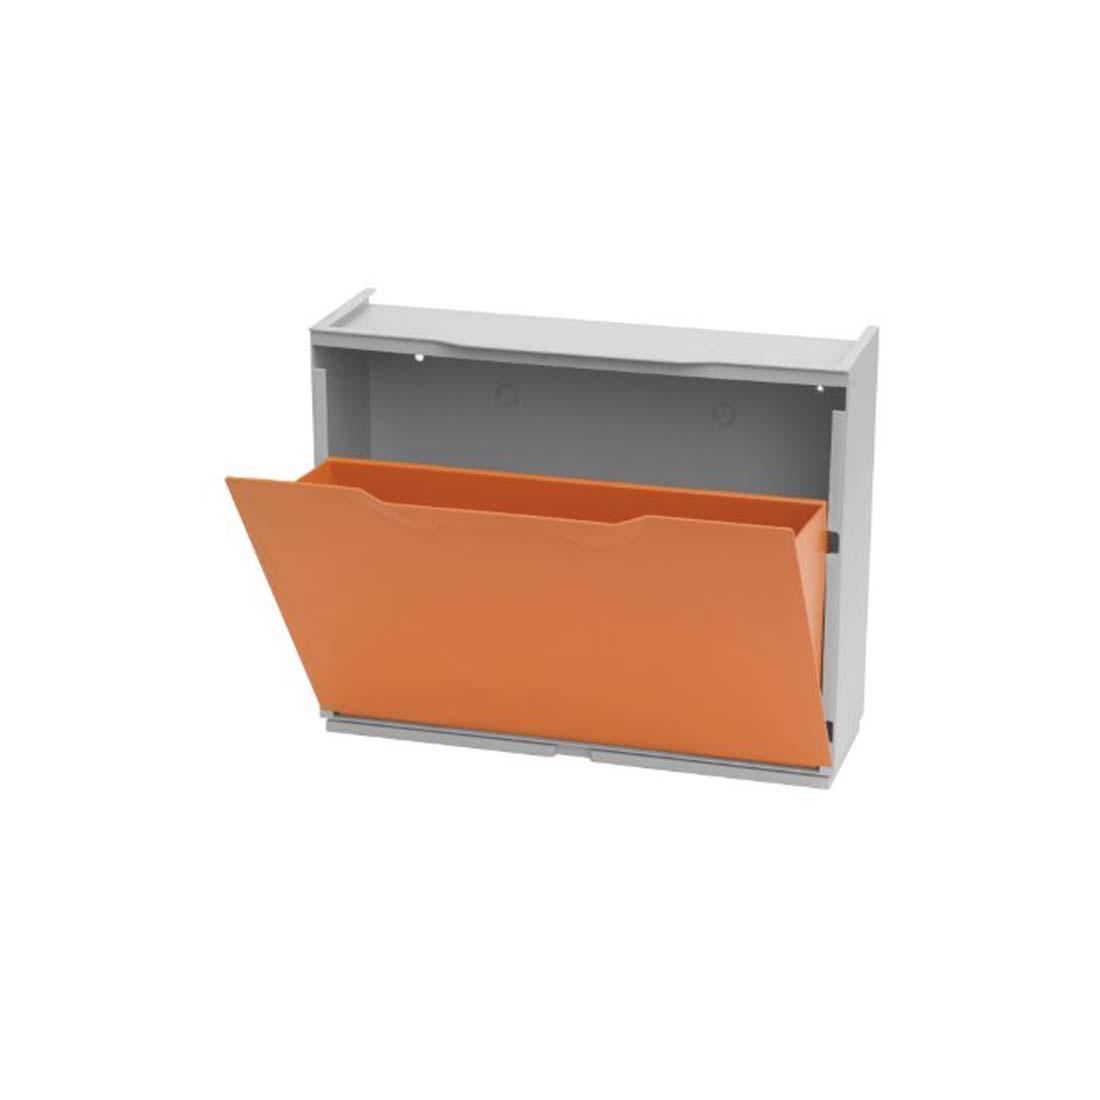 Scarpiere Componibili In Plastica.Scarpiera In Resina Componibile 51x41x17 Arancione Plastica Modulare